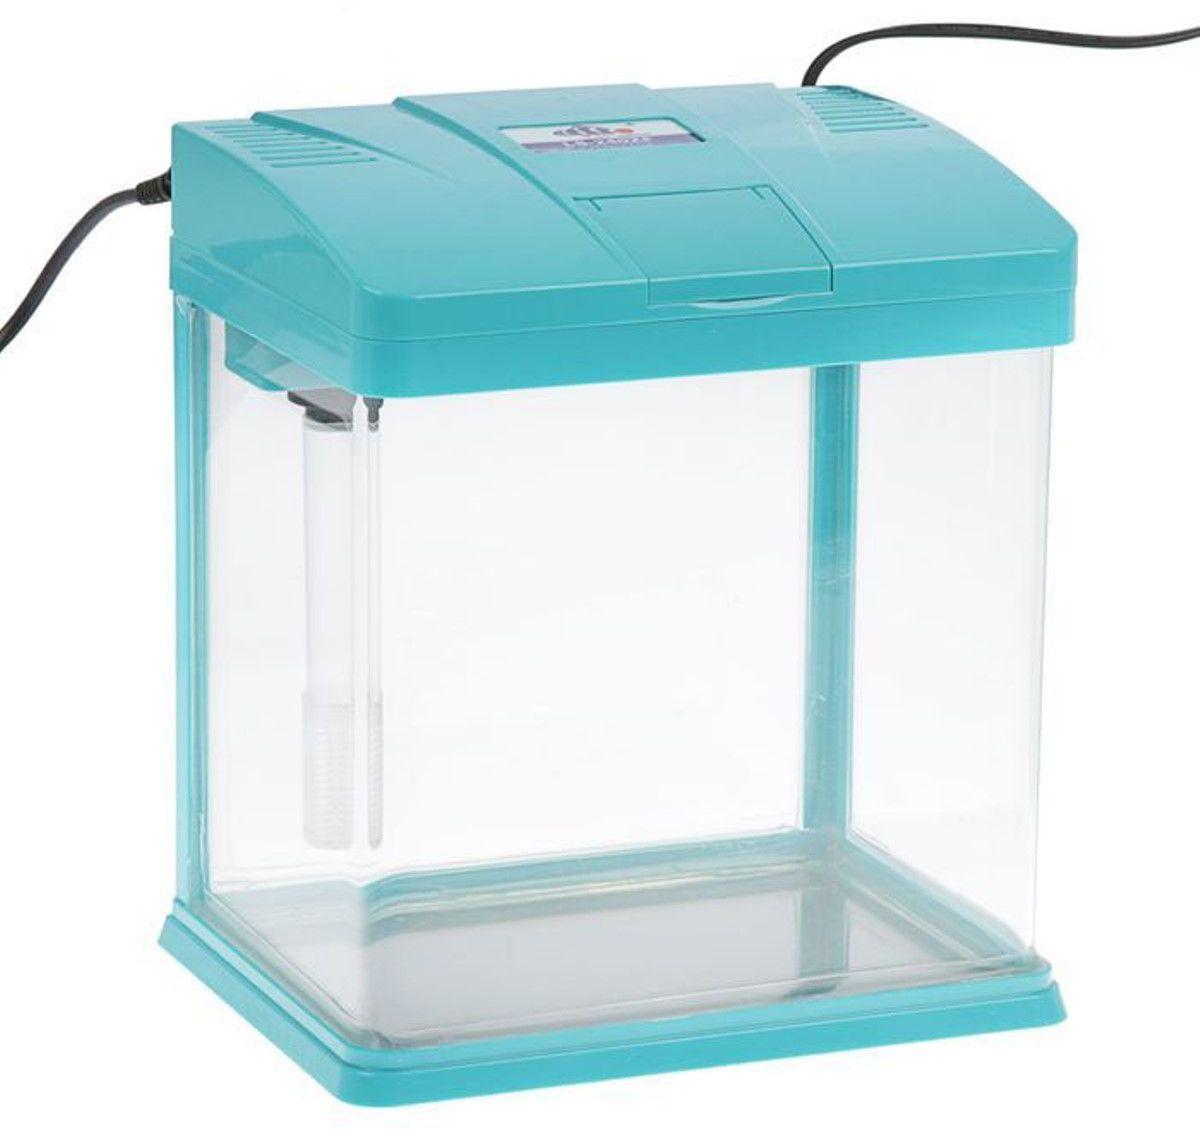 Аквариум Sea Star LS-240, цвет: голубой, прозрачный, 12 лLS-240ZF blueАквариум Sea Star LS-240, выполненный из стекла и пластика, имеет светодиодную подсветку и встроенный фильтр, объединяет в себе все основополагающие функции как практического применения, так и художественного оформления интерьера квартиры. Прекрасный выбор для тех, кто любит и ценит своих питомцев.